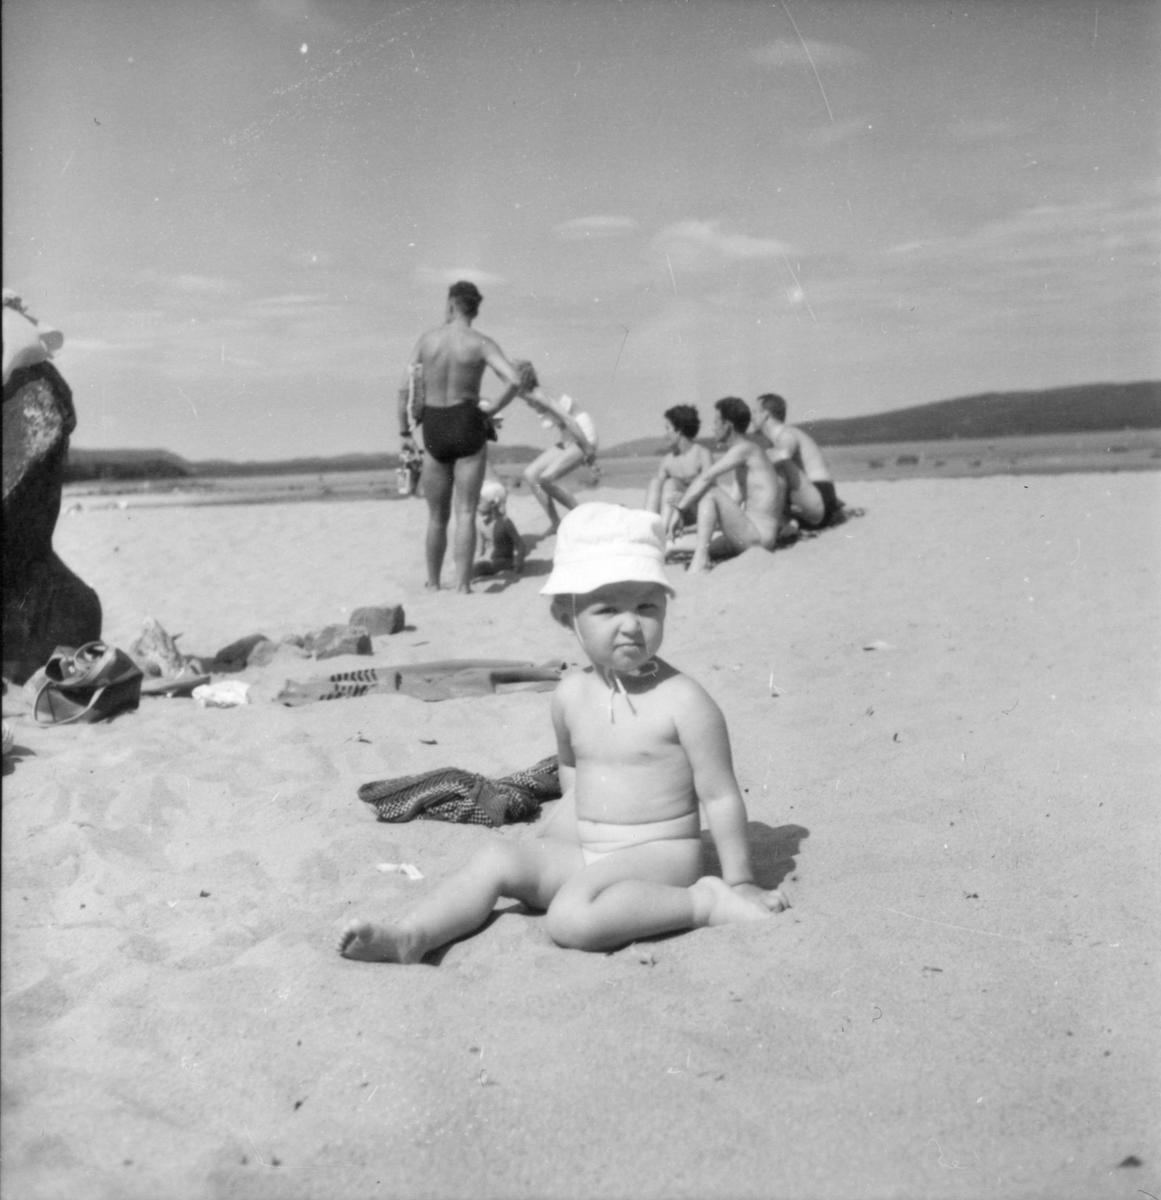 Orbaden, Badsöndag, 26 Juli 1959